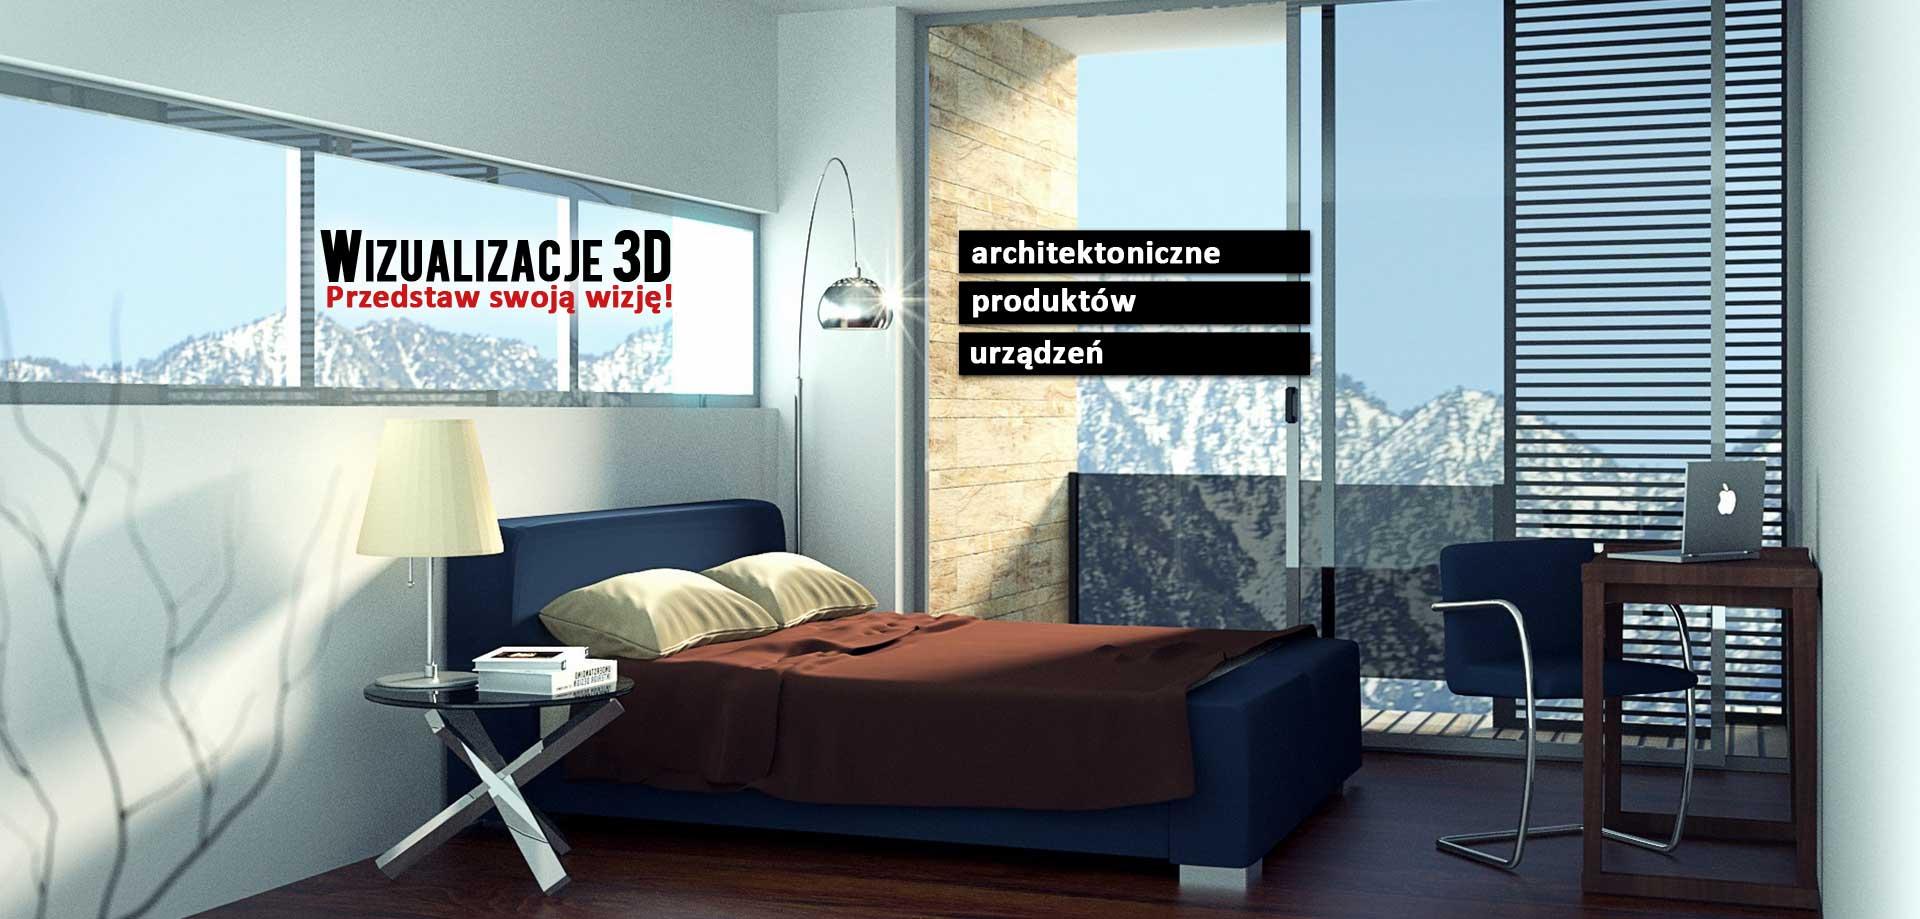 Wizualizacje 3D, filmy reklamowe, fotografia reklamowa Rybnik Gliwice Śląsk Tychy Zabrze